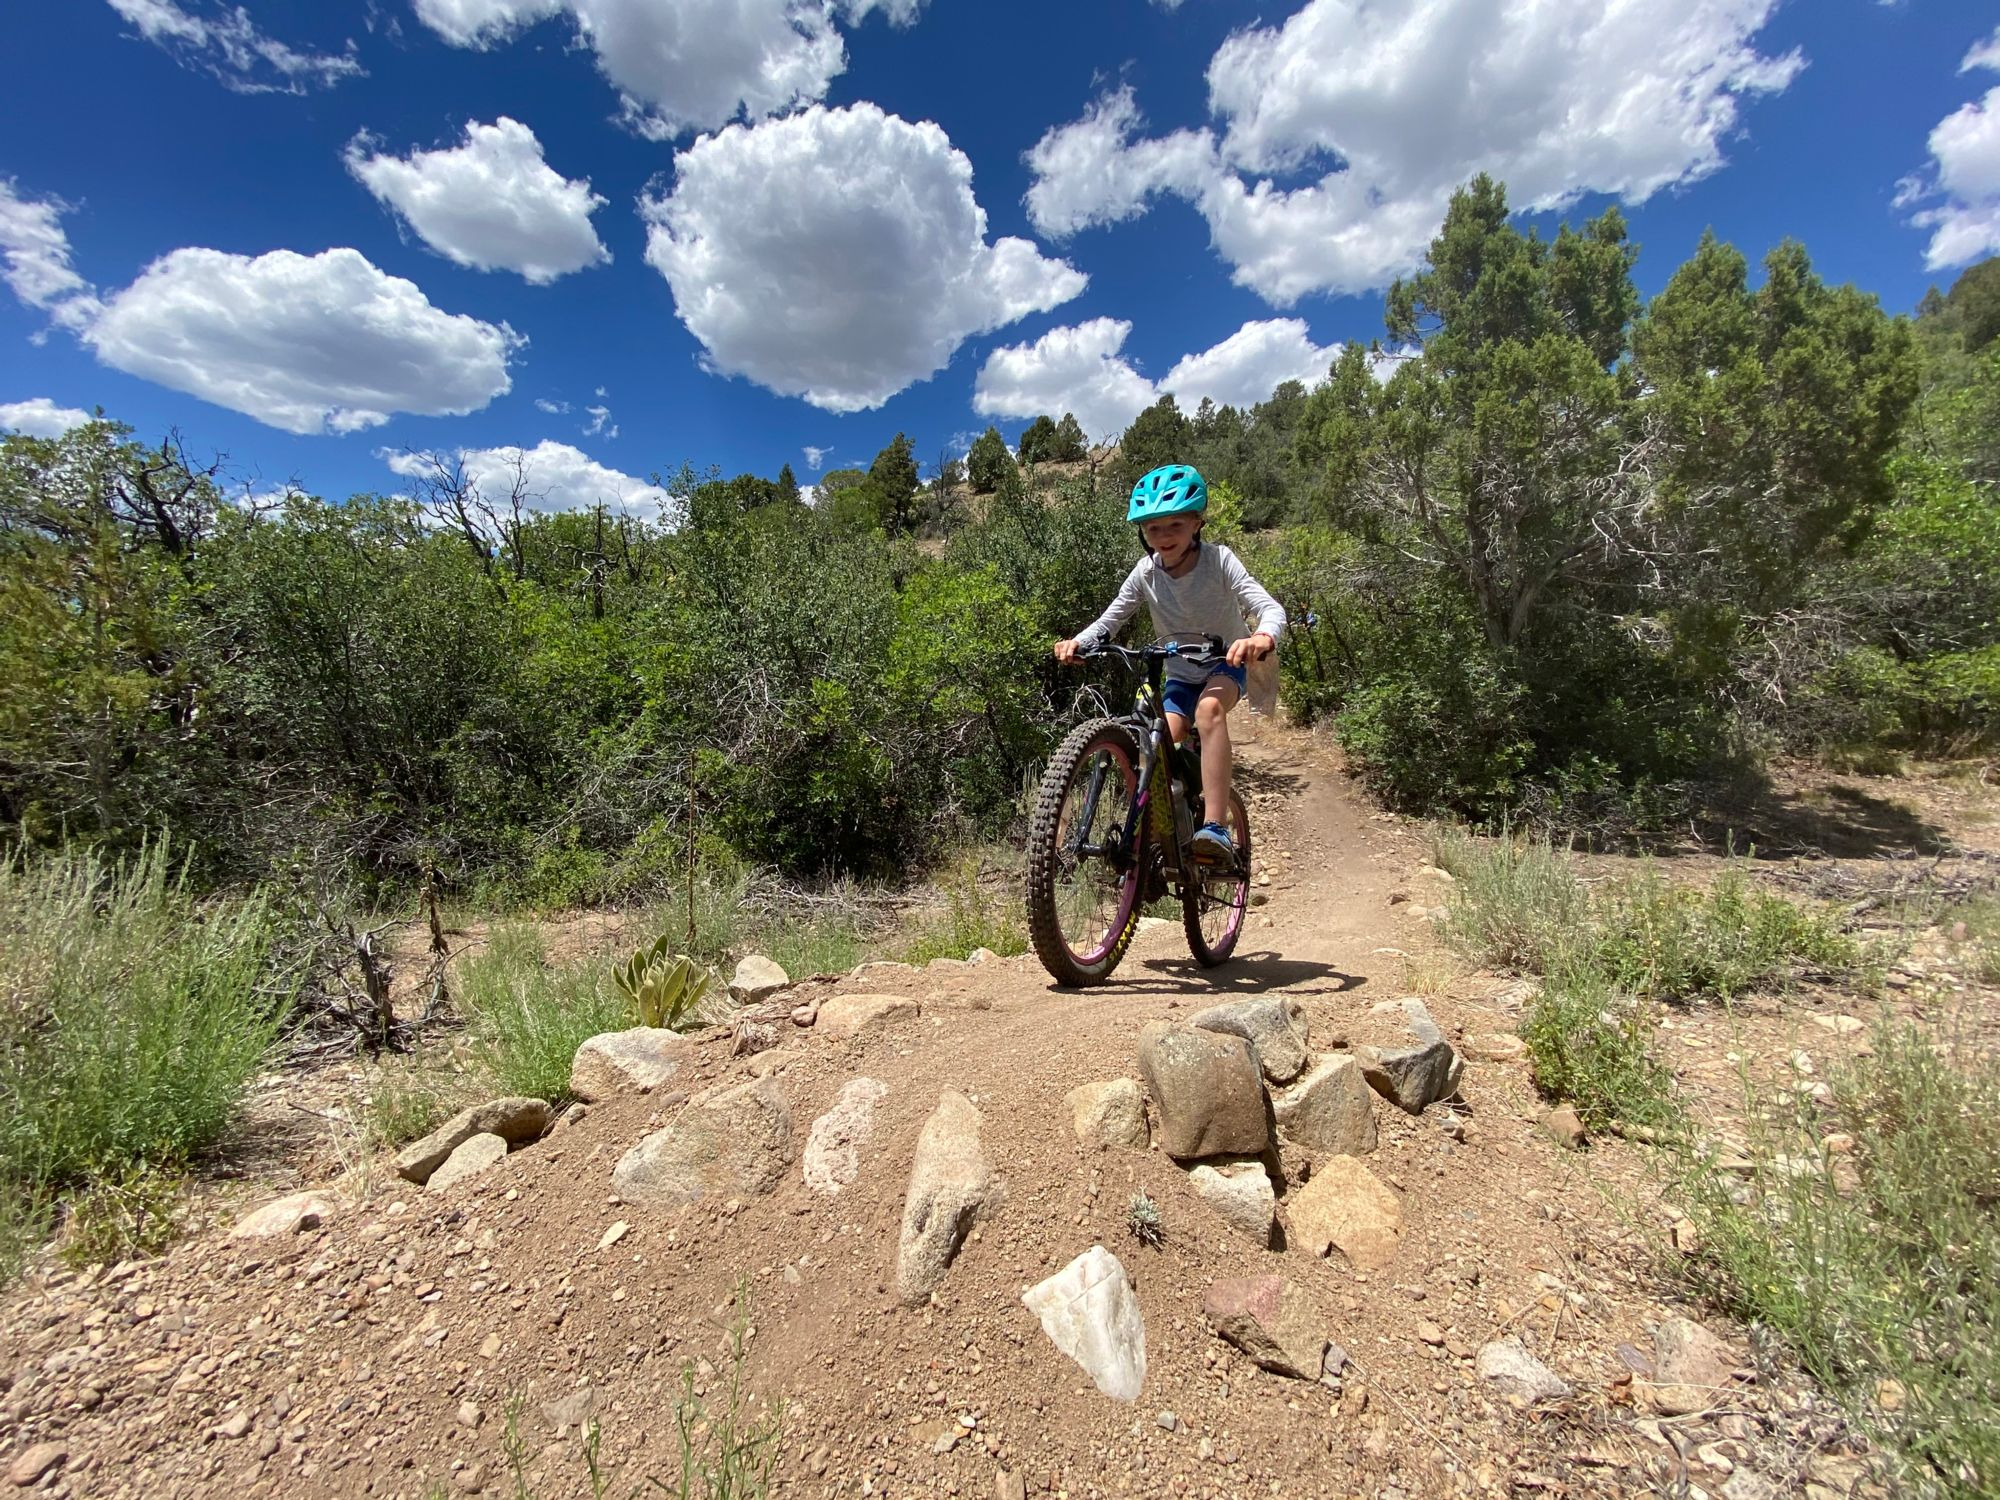 Mountain Biking Summer Day Camp at AVSC